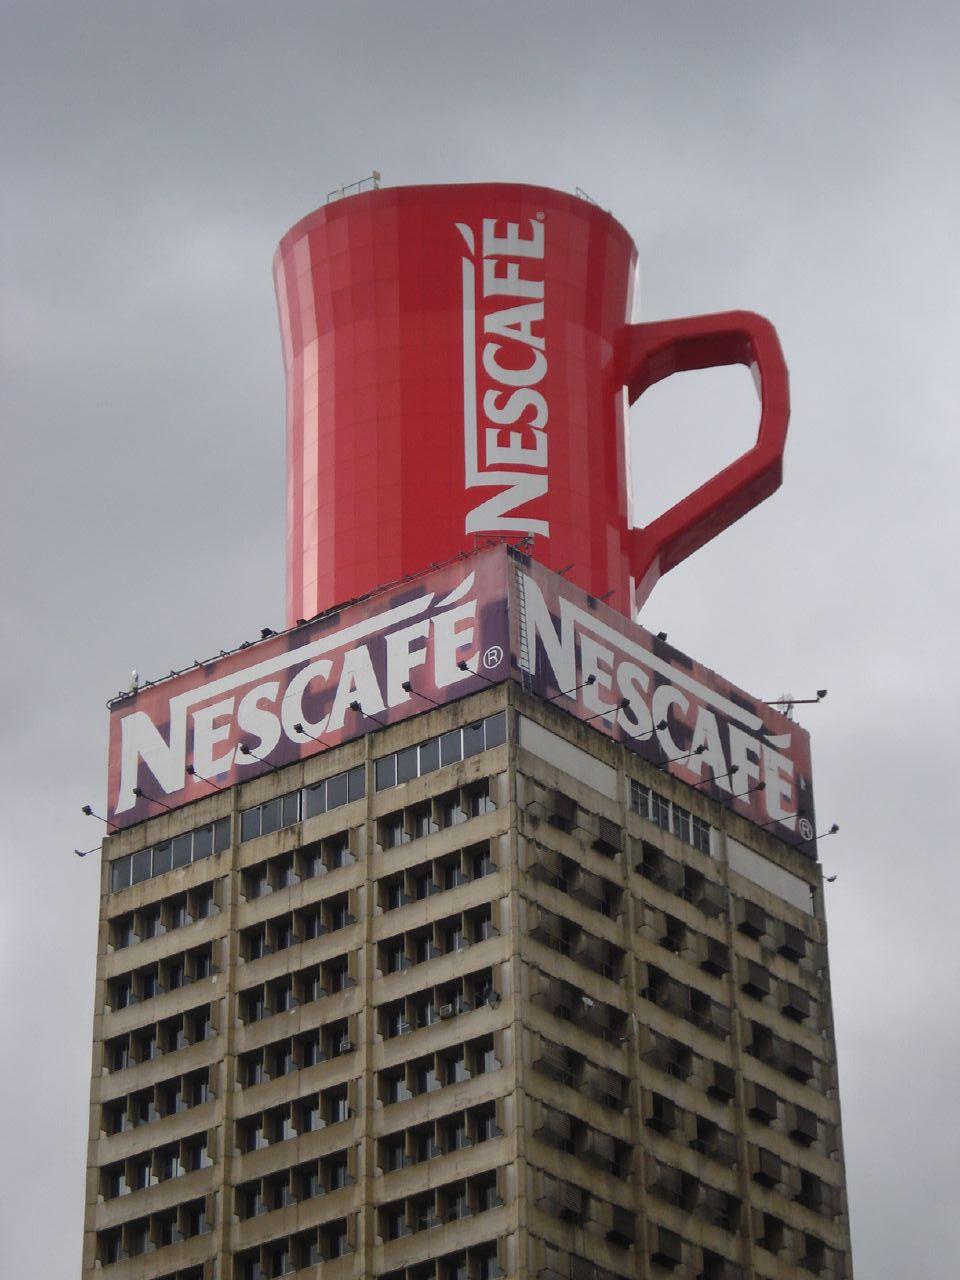 Gran taza de nescaf openads for Banco exterior empleo caracas